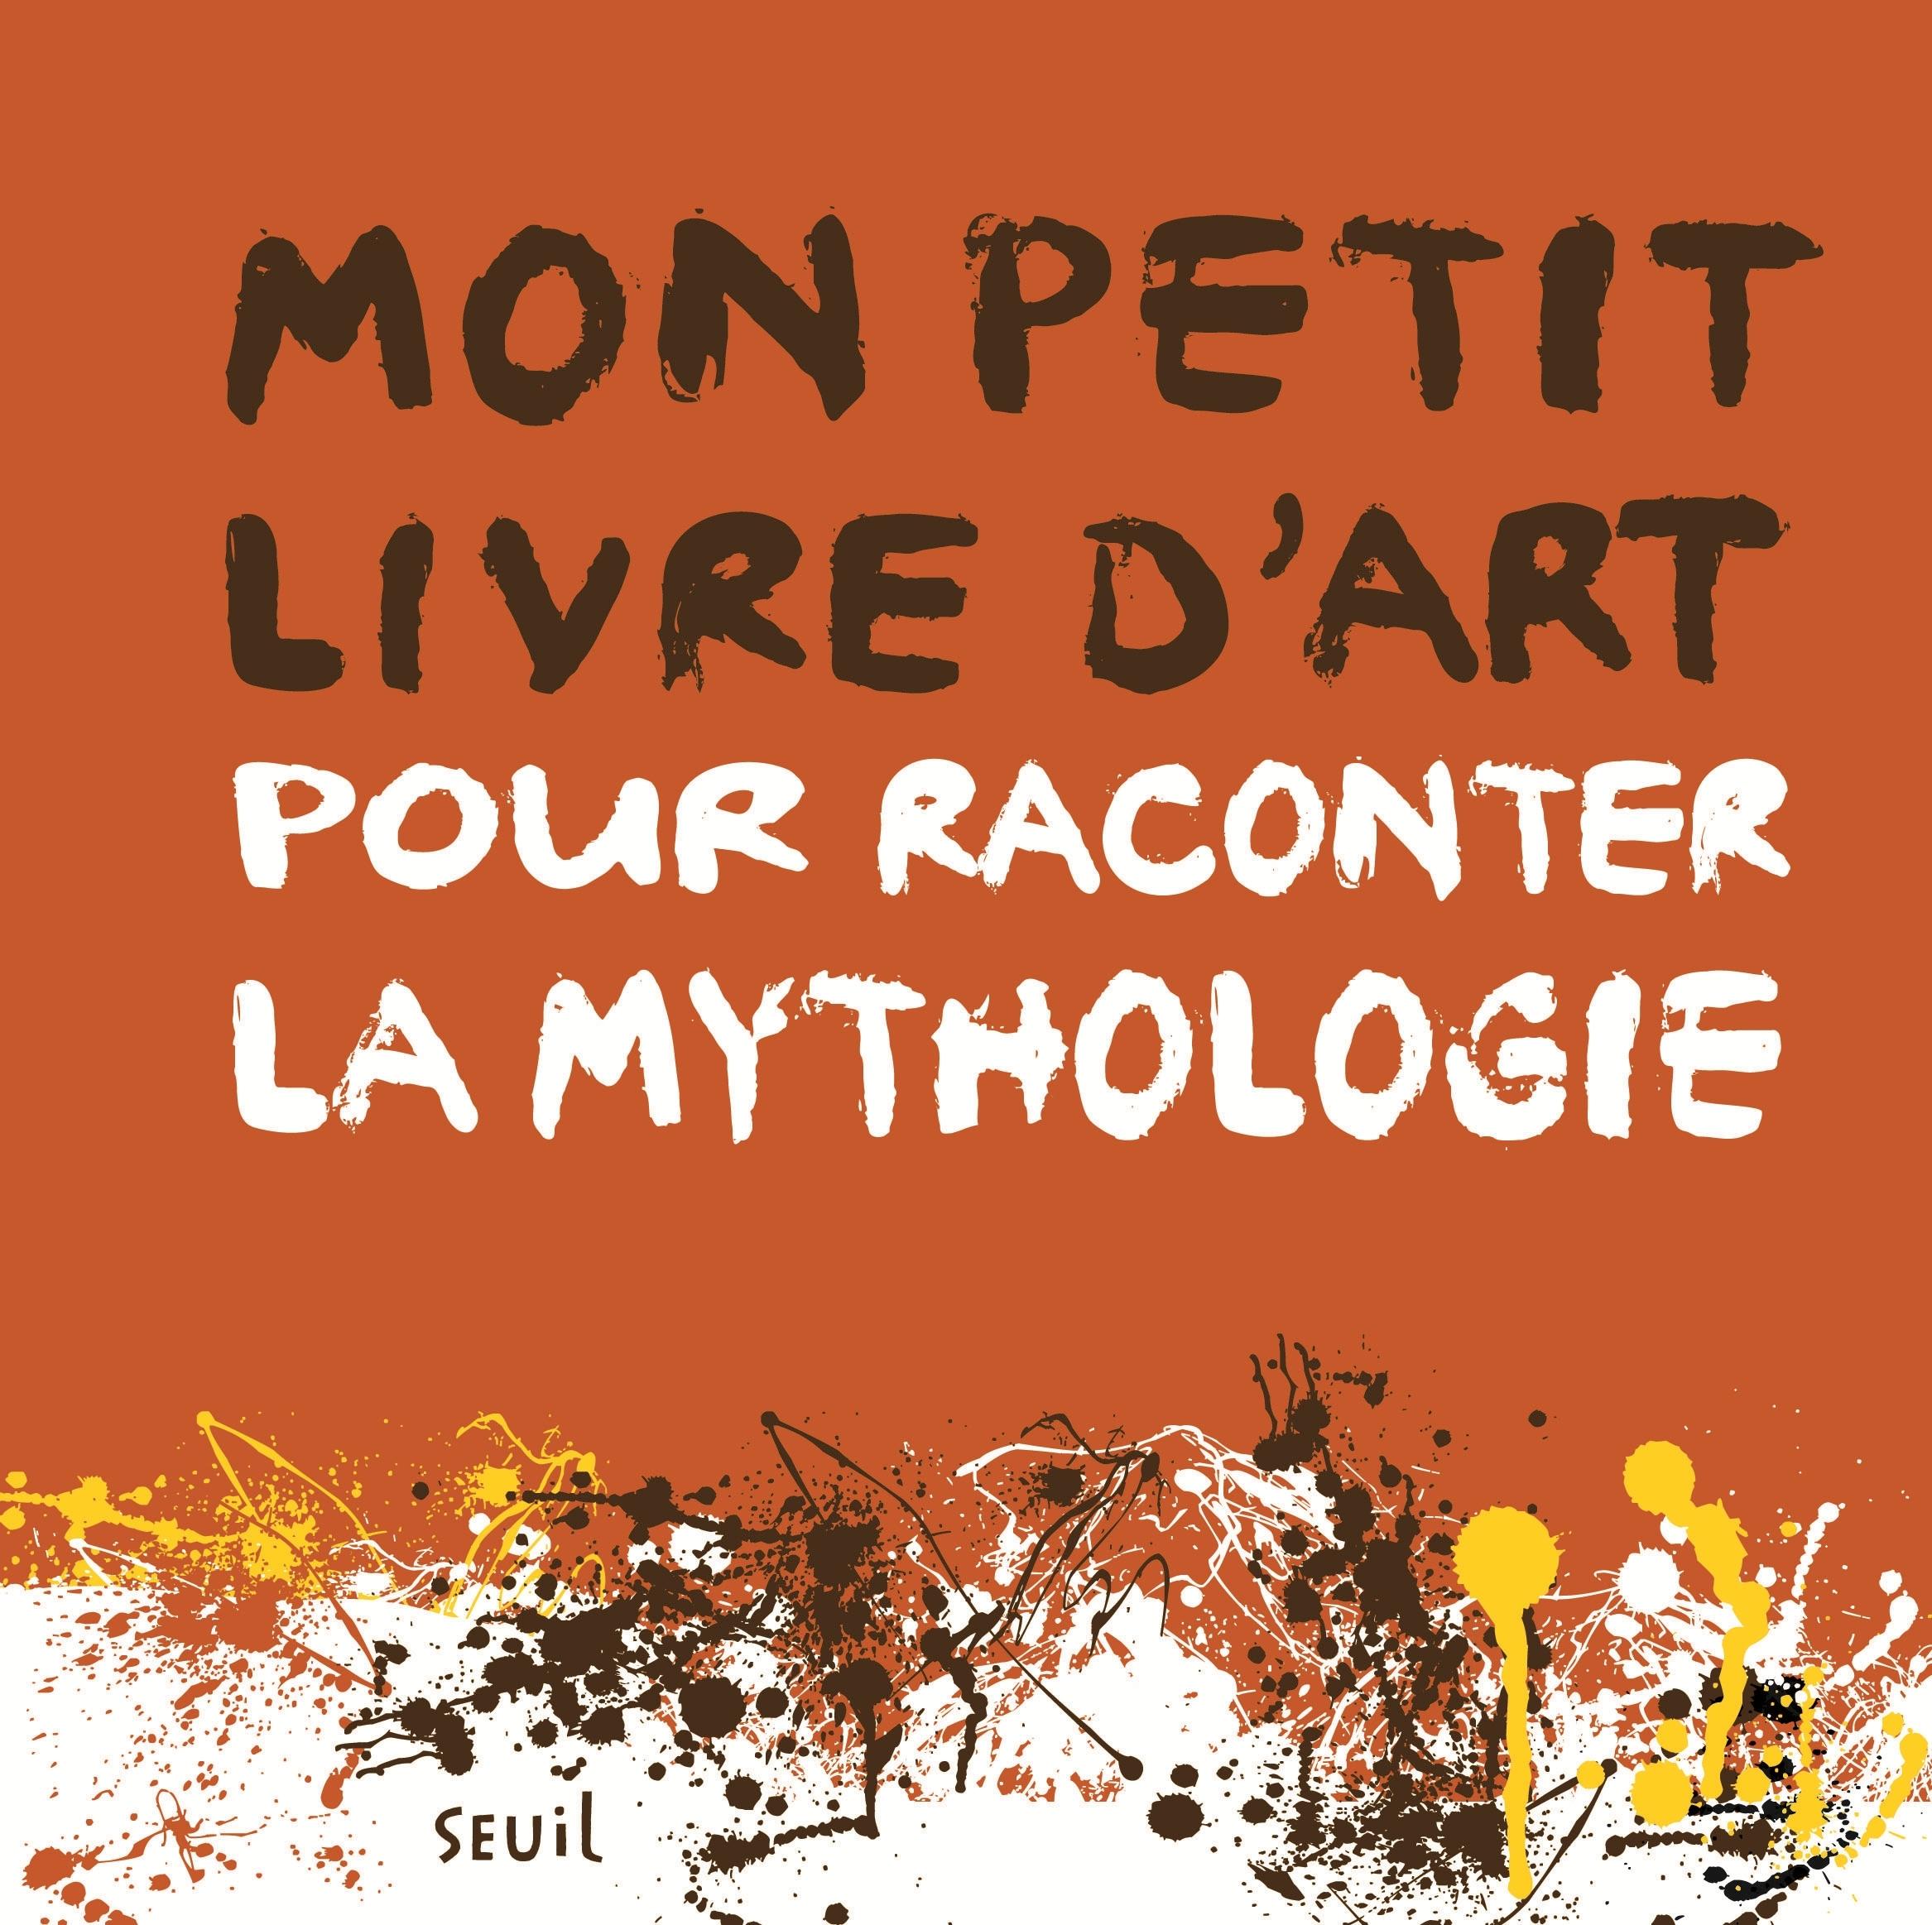 MON PETIT LIVRE D'ART POUR RACONTER LA MYTHOLOGIE